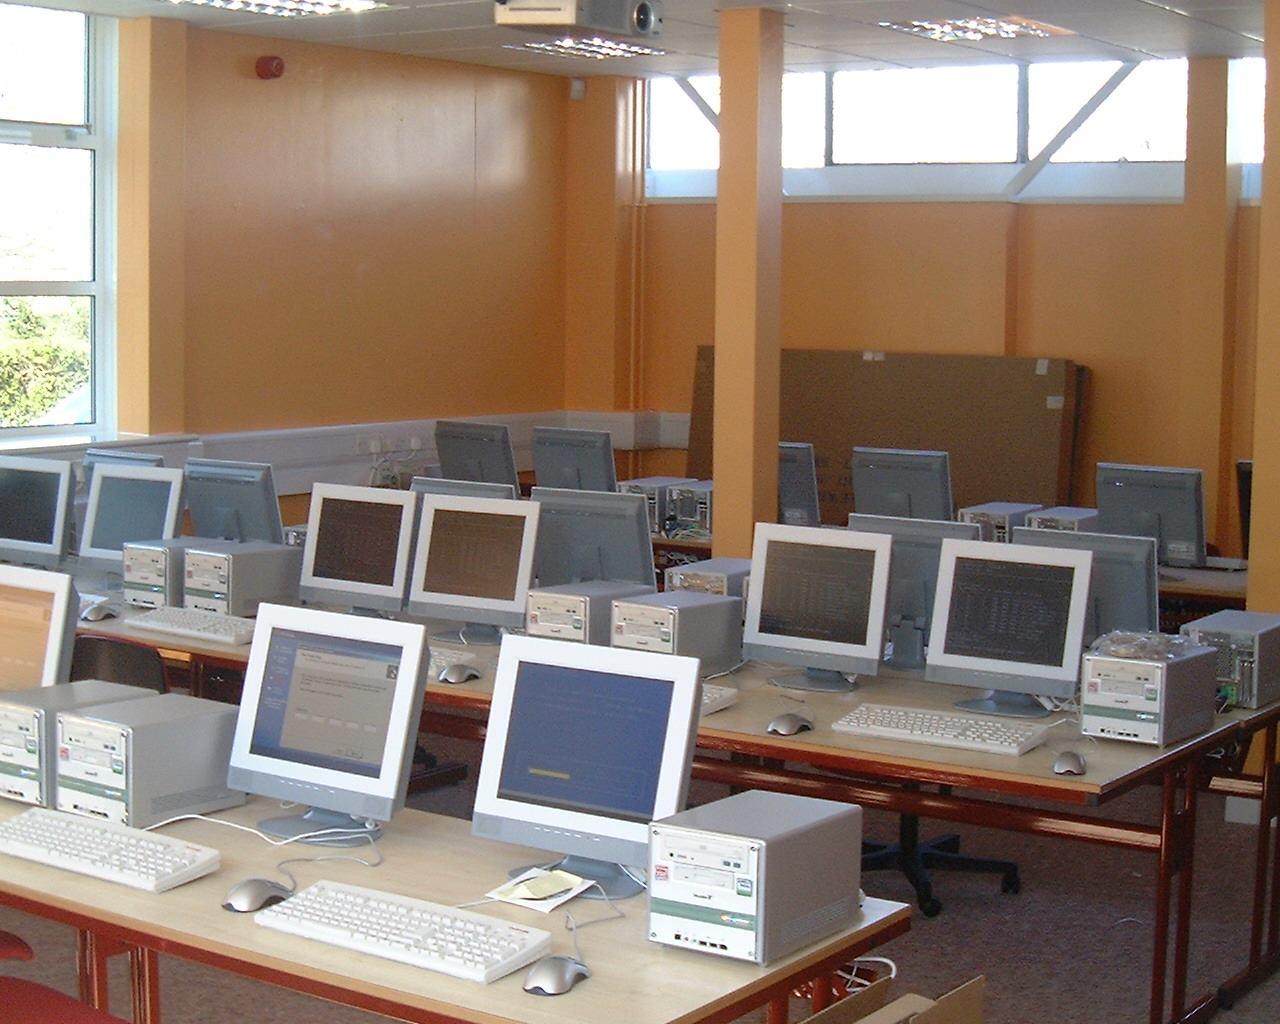 Kitbridge PCs